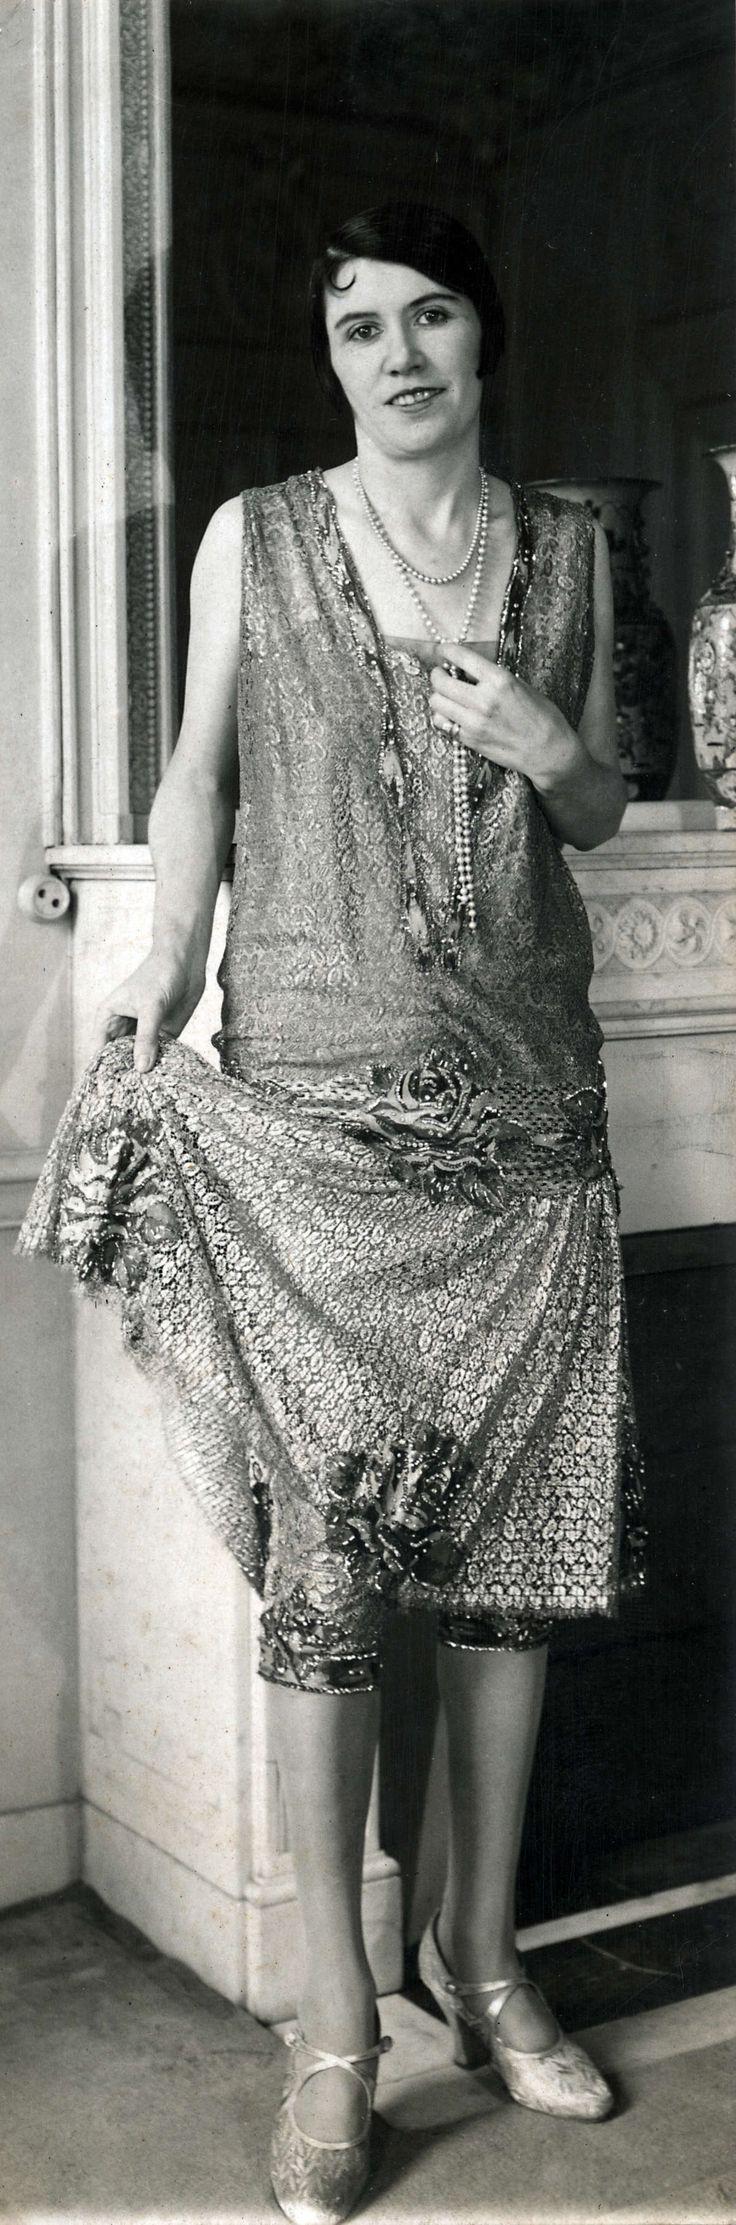 14-11-11  Damesmode. Model toont de Parijse wintermode van 1926. Ze draagt een mouwloze avondjapon, rijkelijk bewerkt met kant en bloemmotieven en onder de rok een kniebroek met biesjes. Als sieraad heeft ze een lange ketting om de hals. De creatie is van modehuis Philippe et Gaston. Parijs, Frankrijk, 1926.